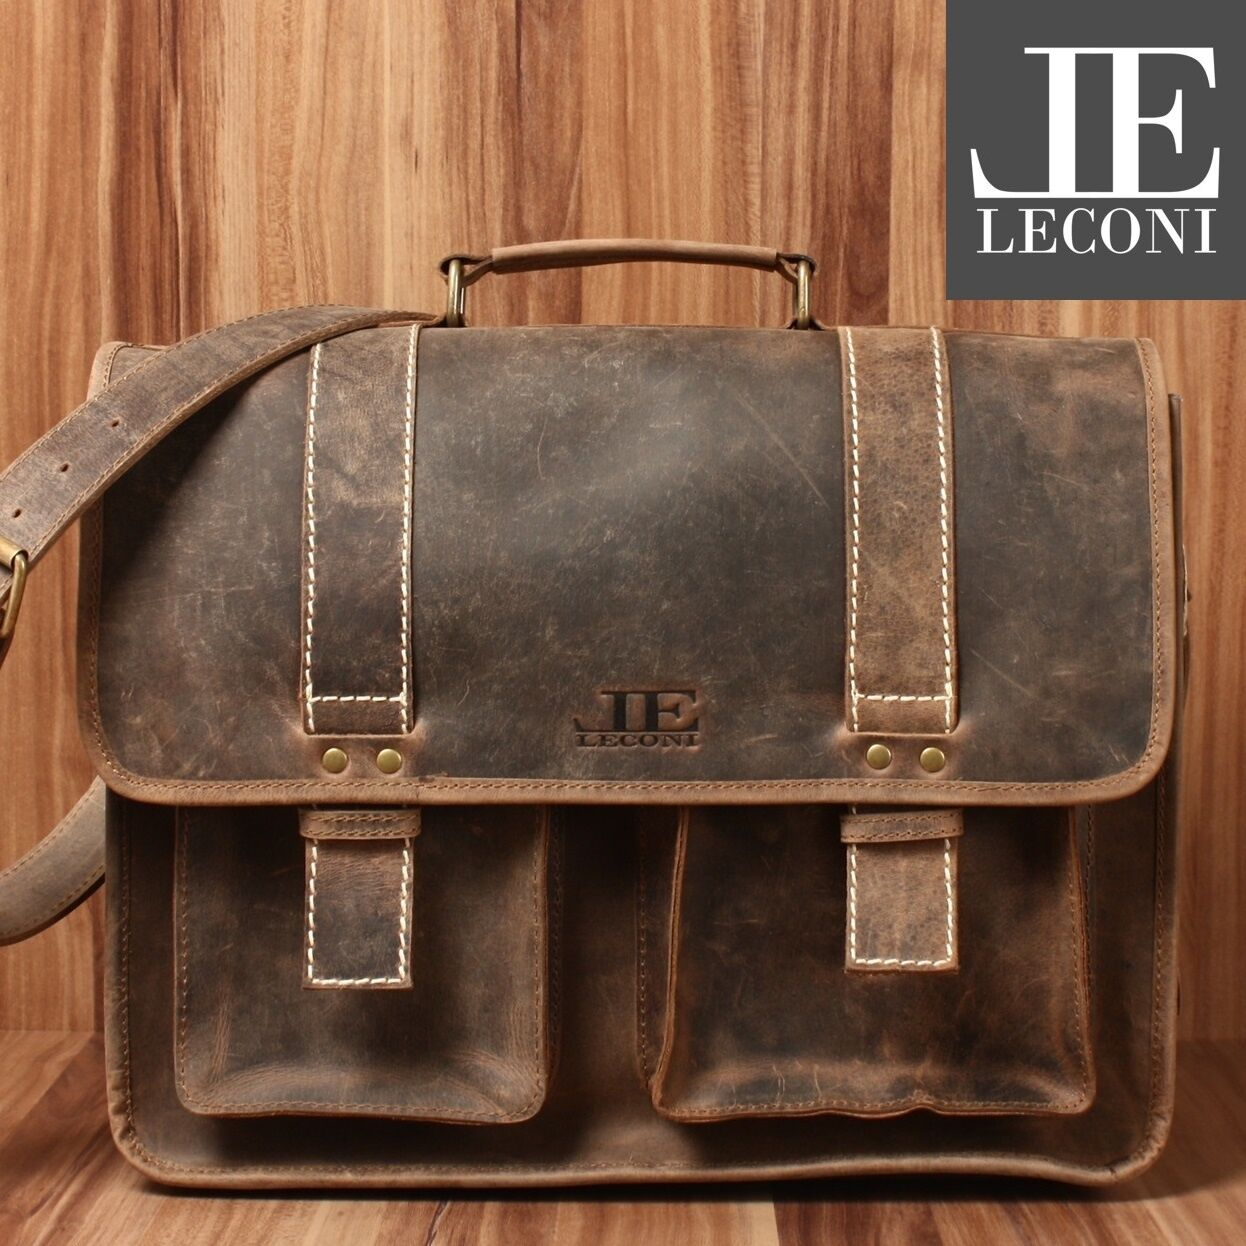 LECONI Aktentasche XL Collegetasche Messenger Bag Büffelleder braun LE3030-N | Qualität und Quantität garantiert  | Haltbarer Service  | Online Outlet Store